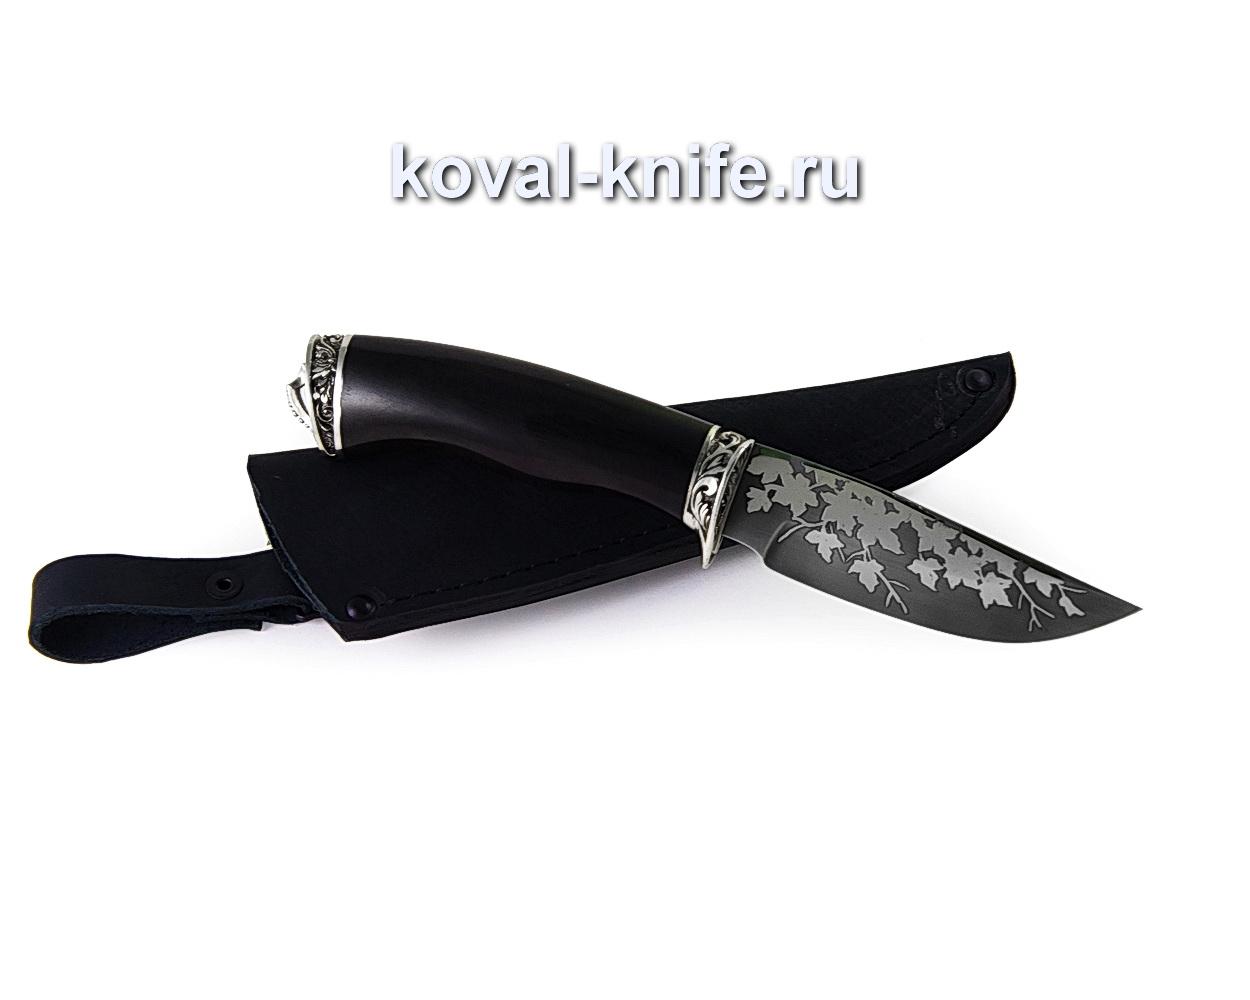 Нож Норвег из стали 95х18 (рукоять граб, гарда и пятка-мельхиор, травление) A350